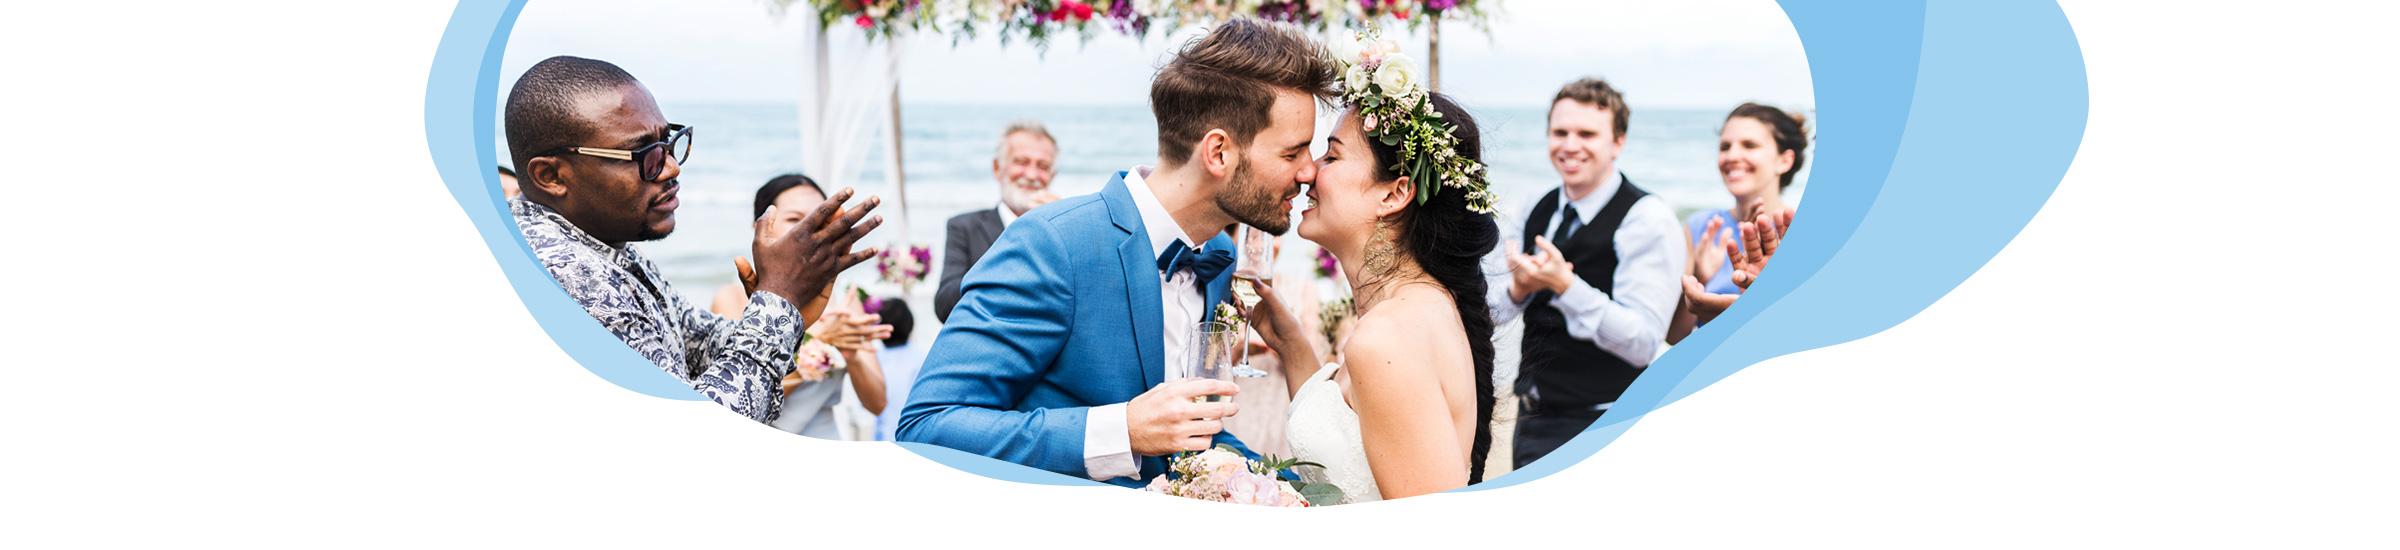 Hochzeitslocations Header